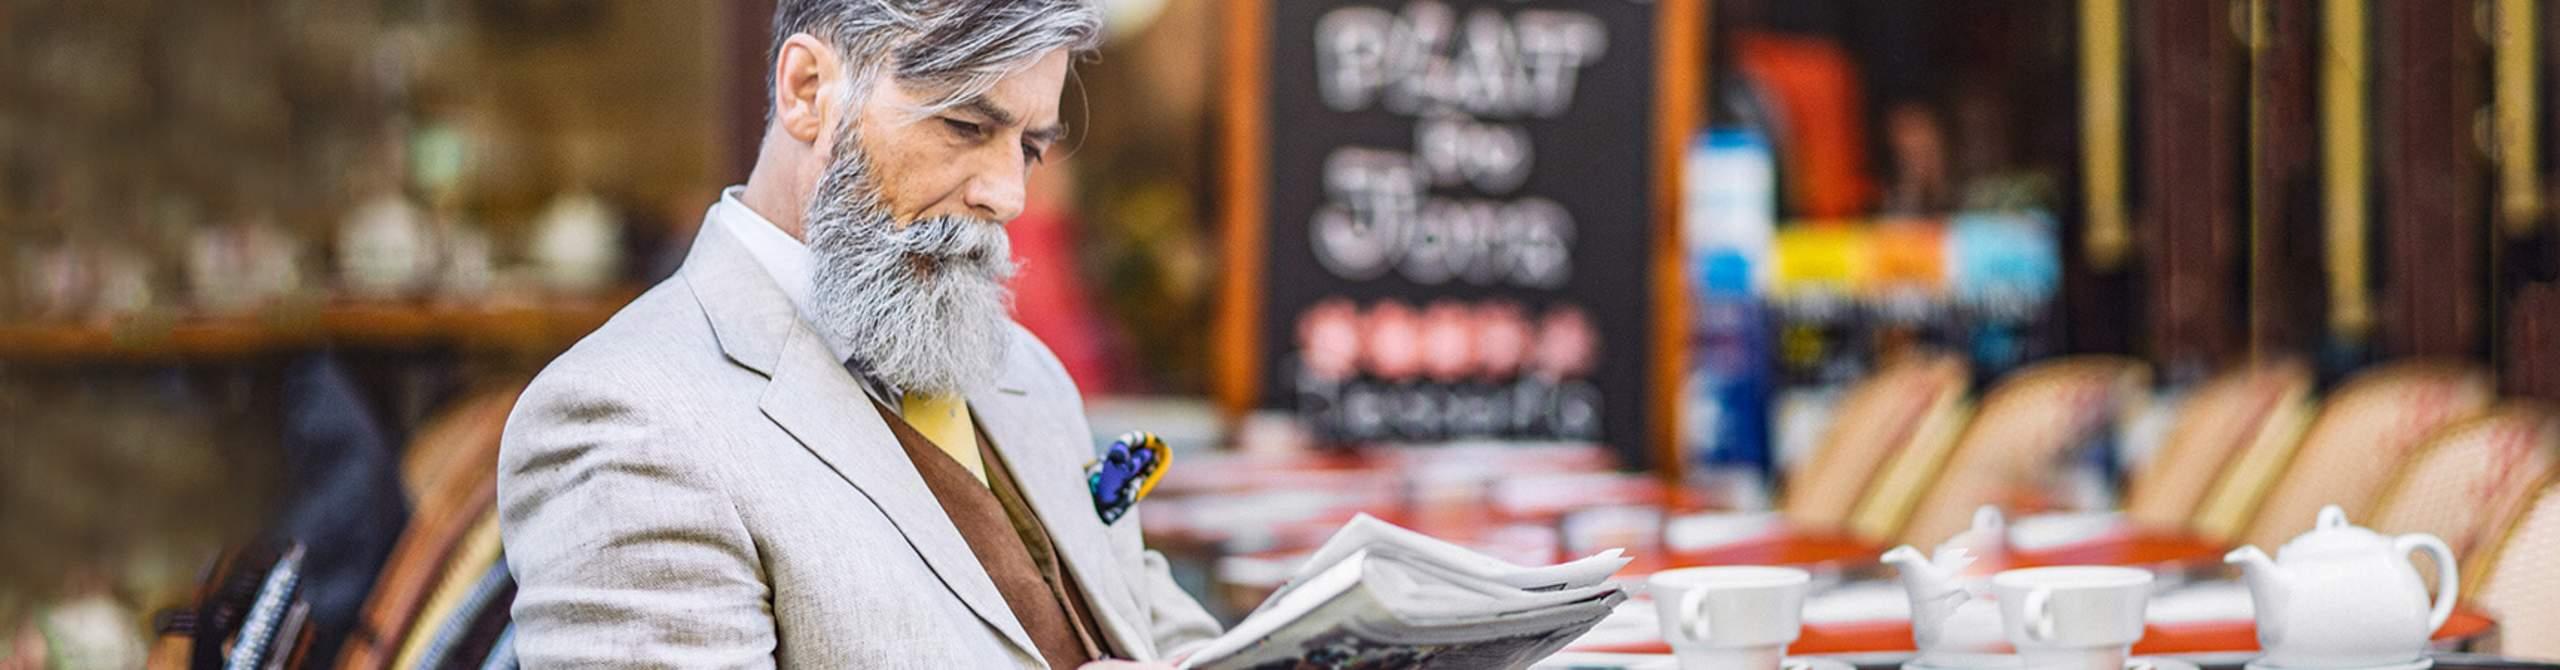 Mann sitzt in einem Cafe und liest Zeitung.